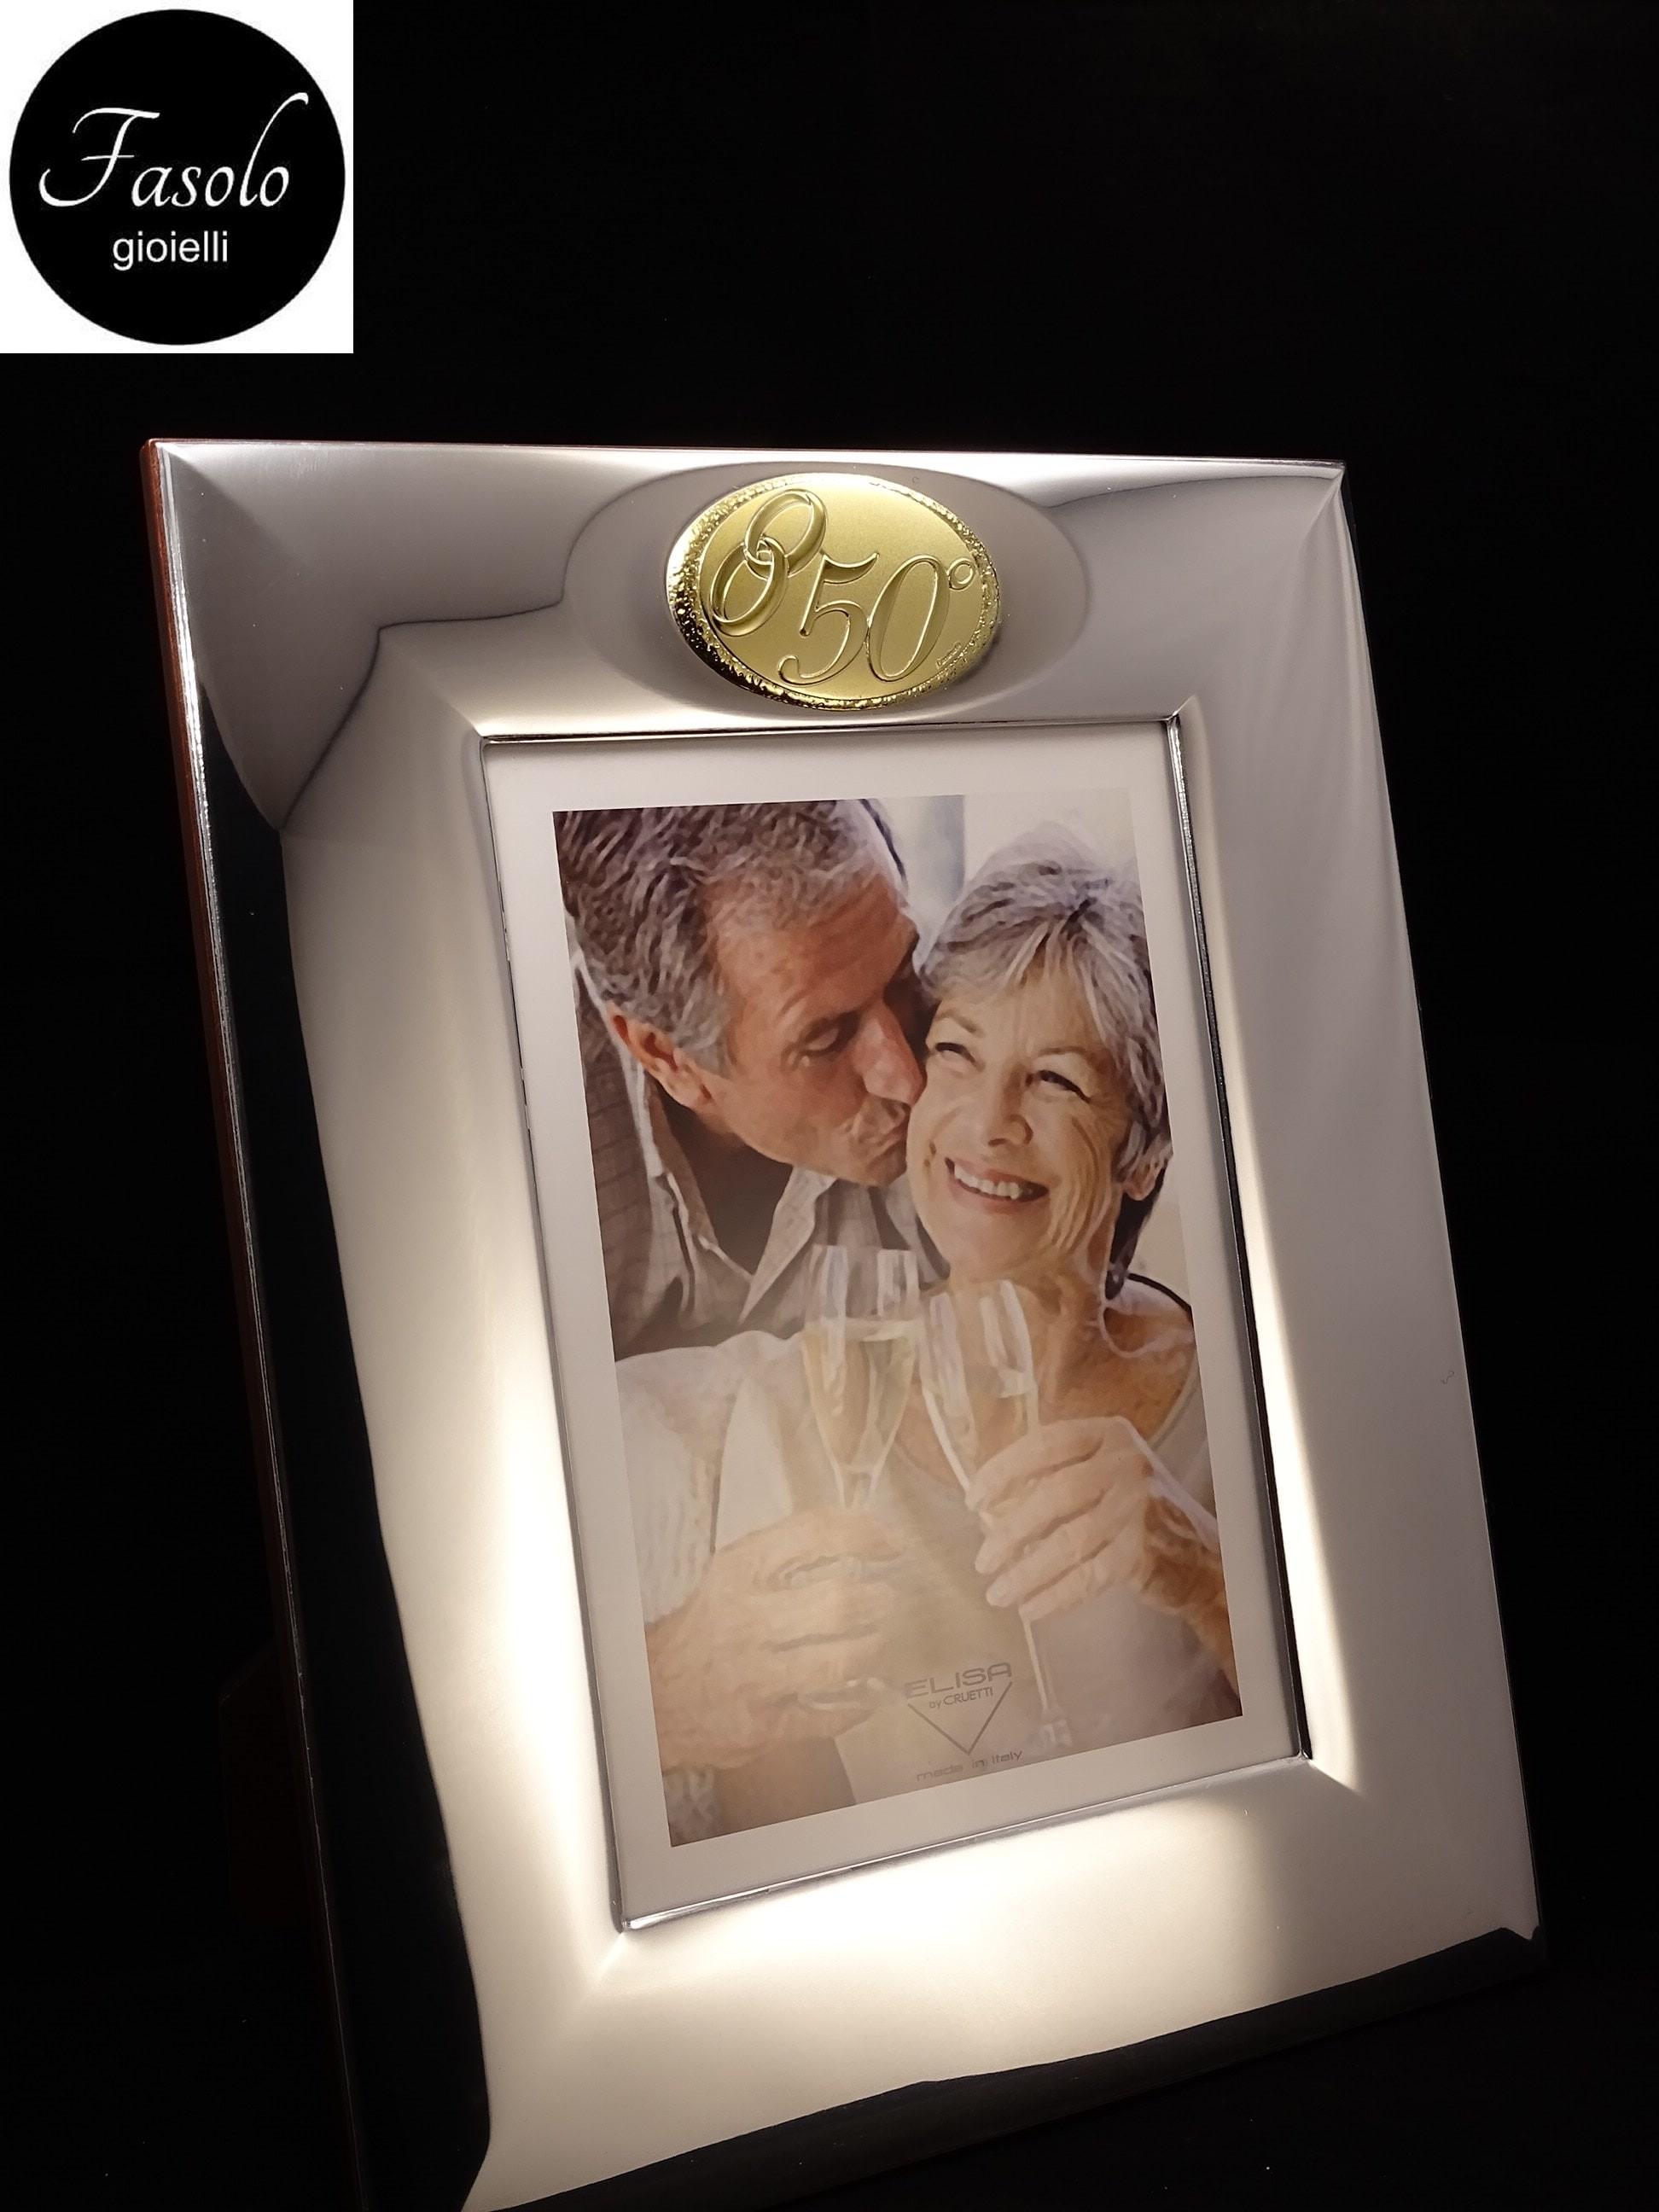 Anniversario Di Matrimonio Torino.Cornice Portafoto In Argento E Legno 50 Anniversario Nozze D Oro